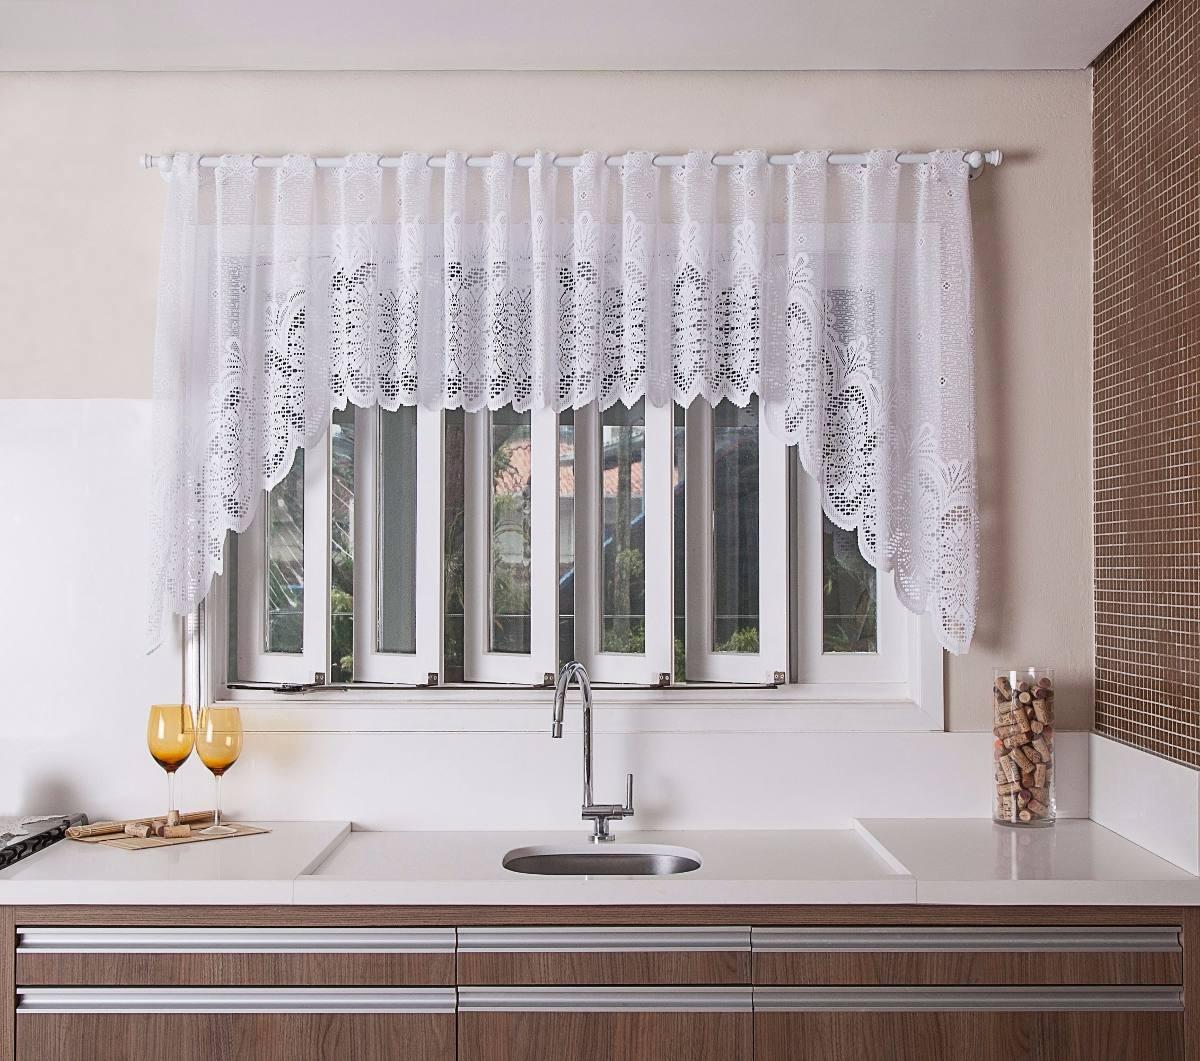 Cortinas para casa de campo cortinas para casa de campo d pintura al leo cortinas cortinas para - Cortinas para casa de campo ...